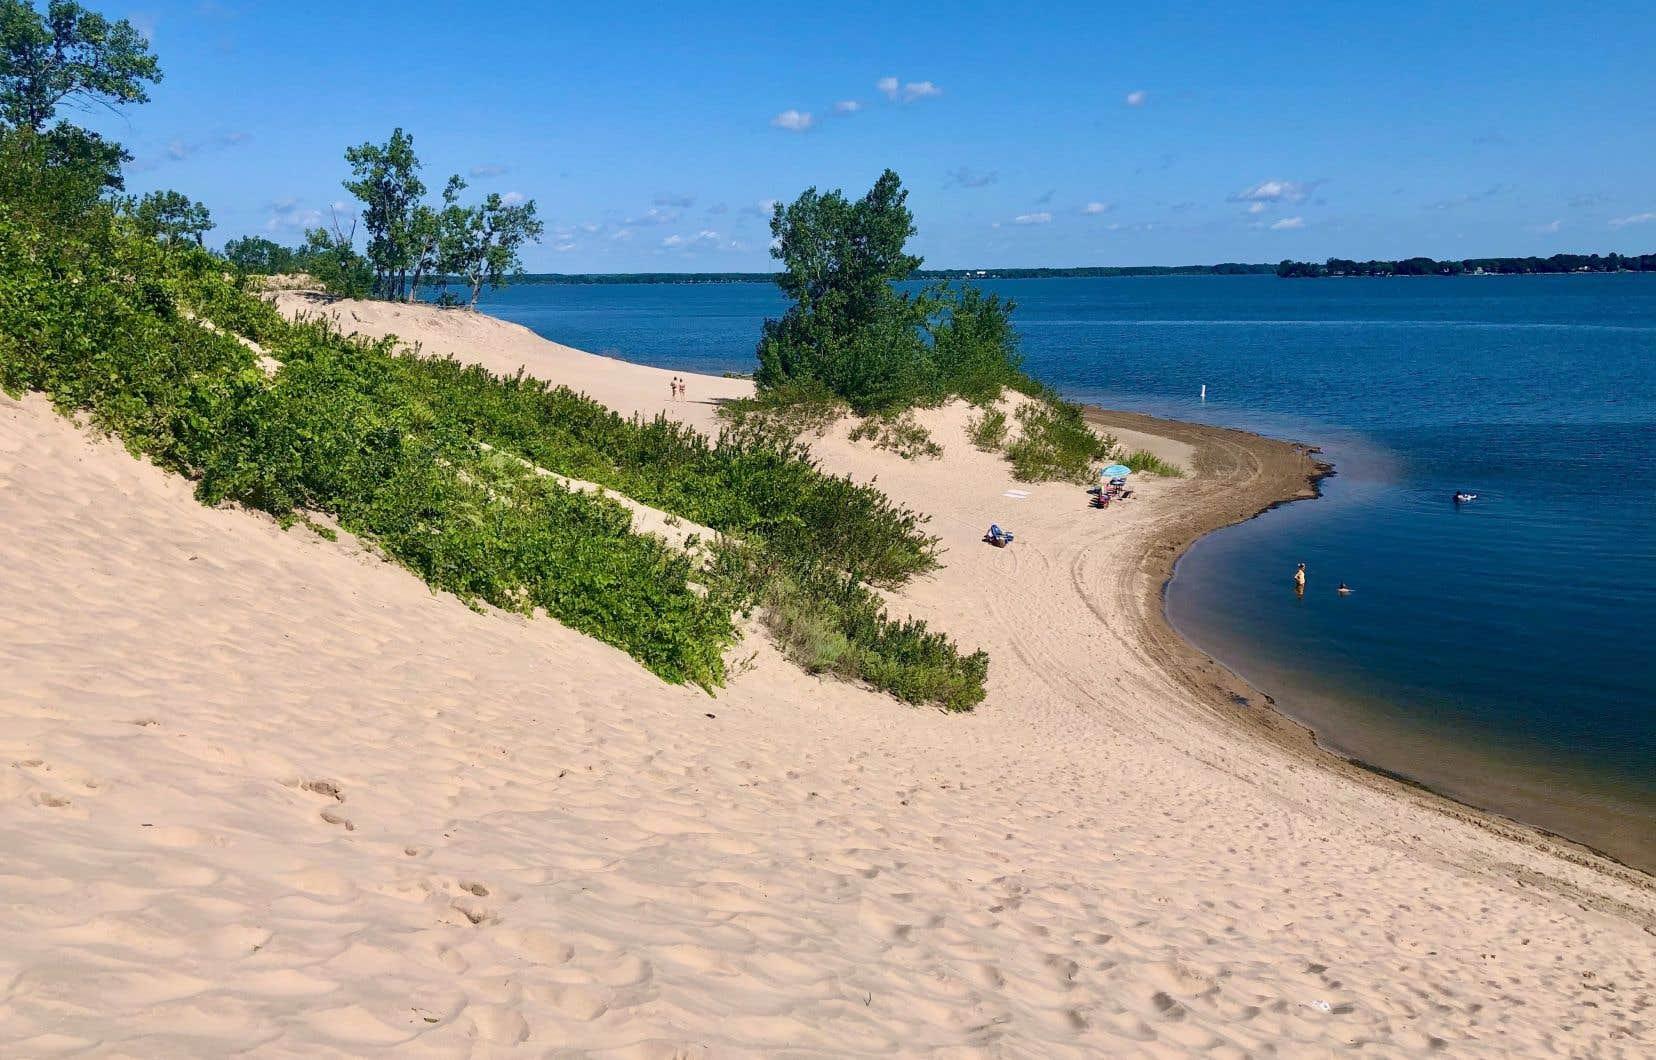 Le parc provincial Sandbanks est réputé pour ses dunes et ses plages en bordure du lac Ontario. Sur la photo, on aperçoit Dunes Beach et son sable fin.